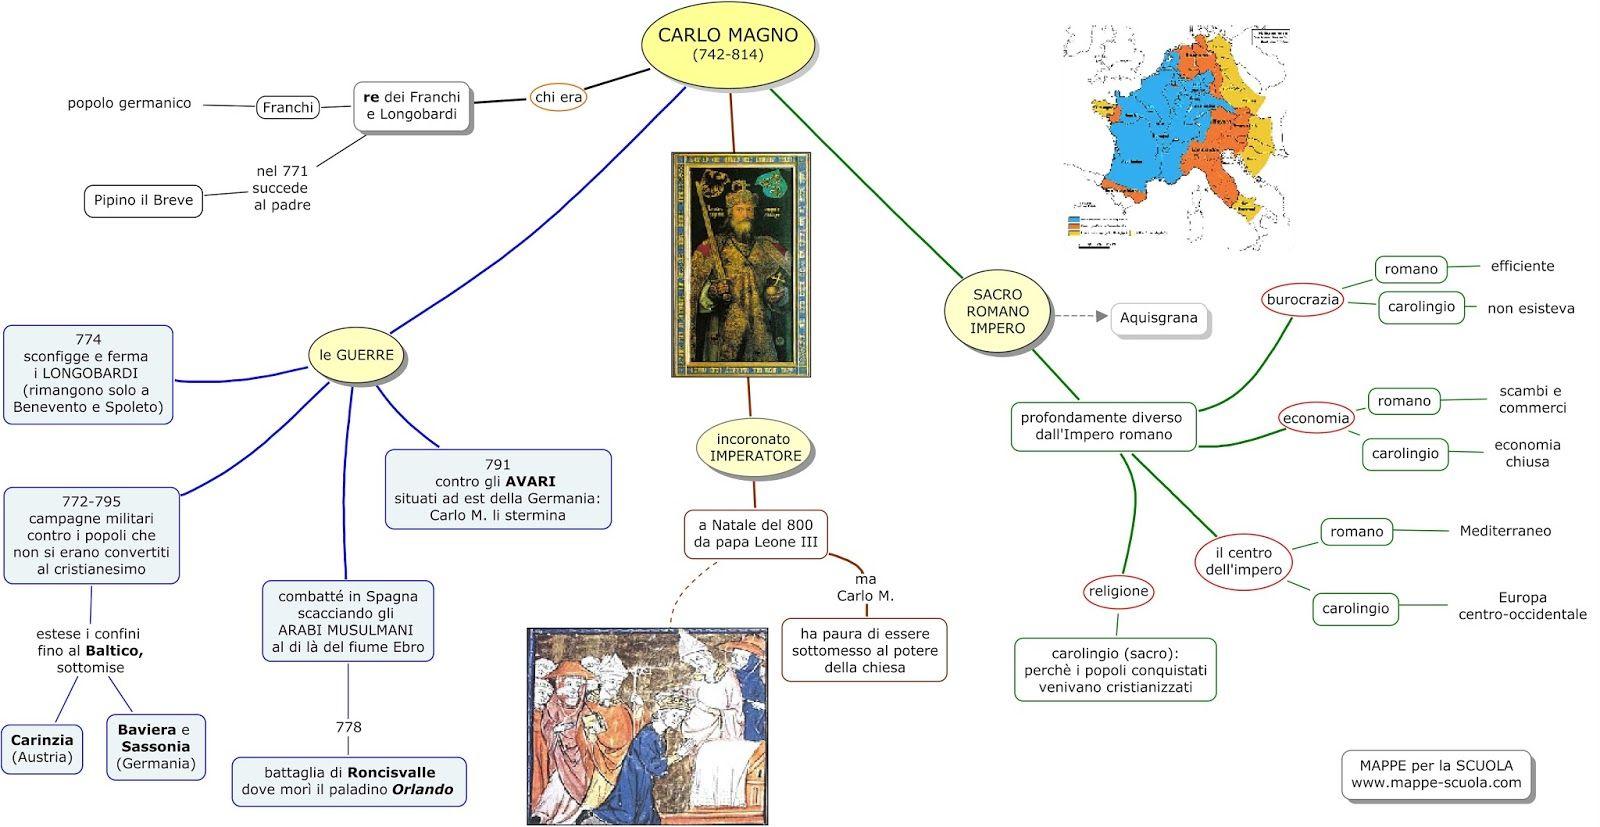 Mappe Per La Scuola Carlo Magno L Impero Carolingio